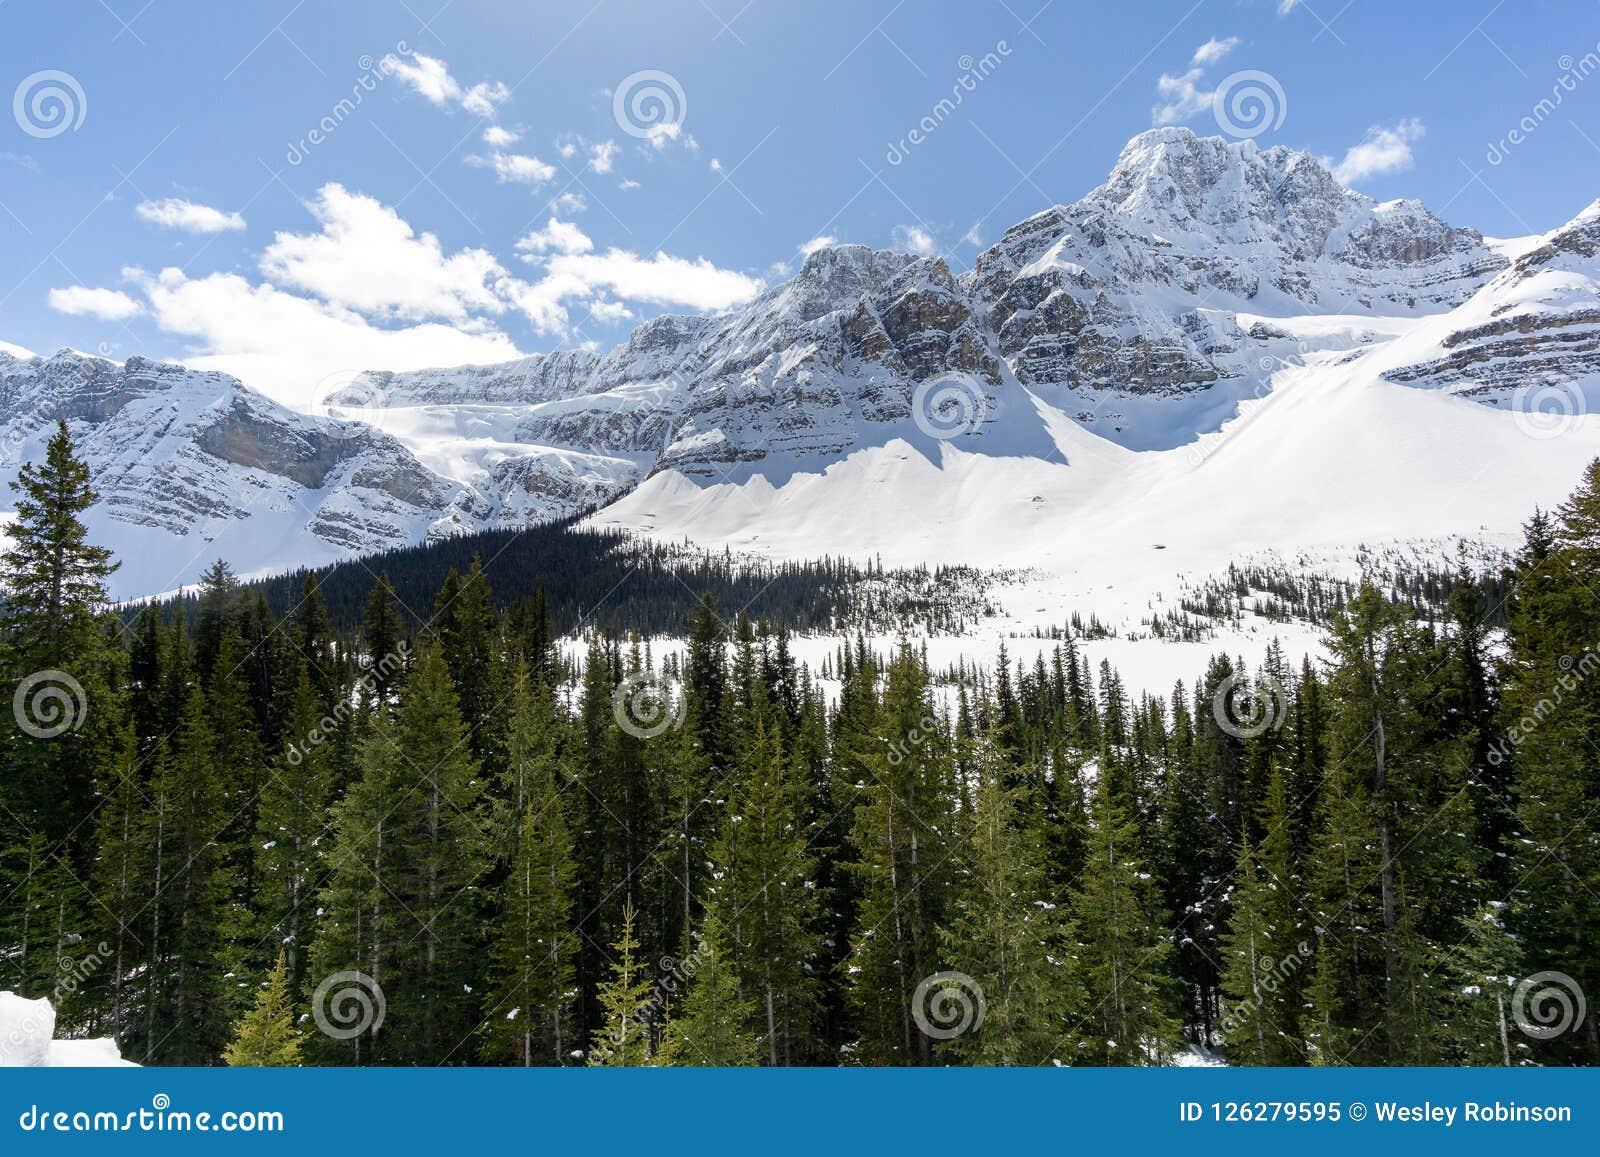 Crowfoot Glacier Pull Off 02